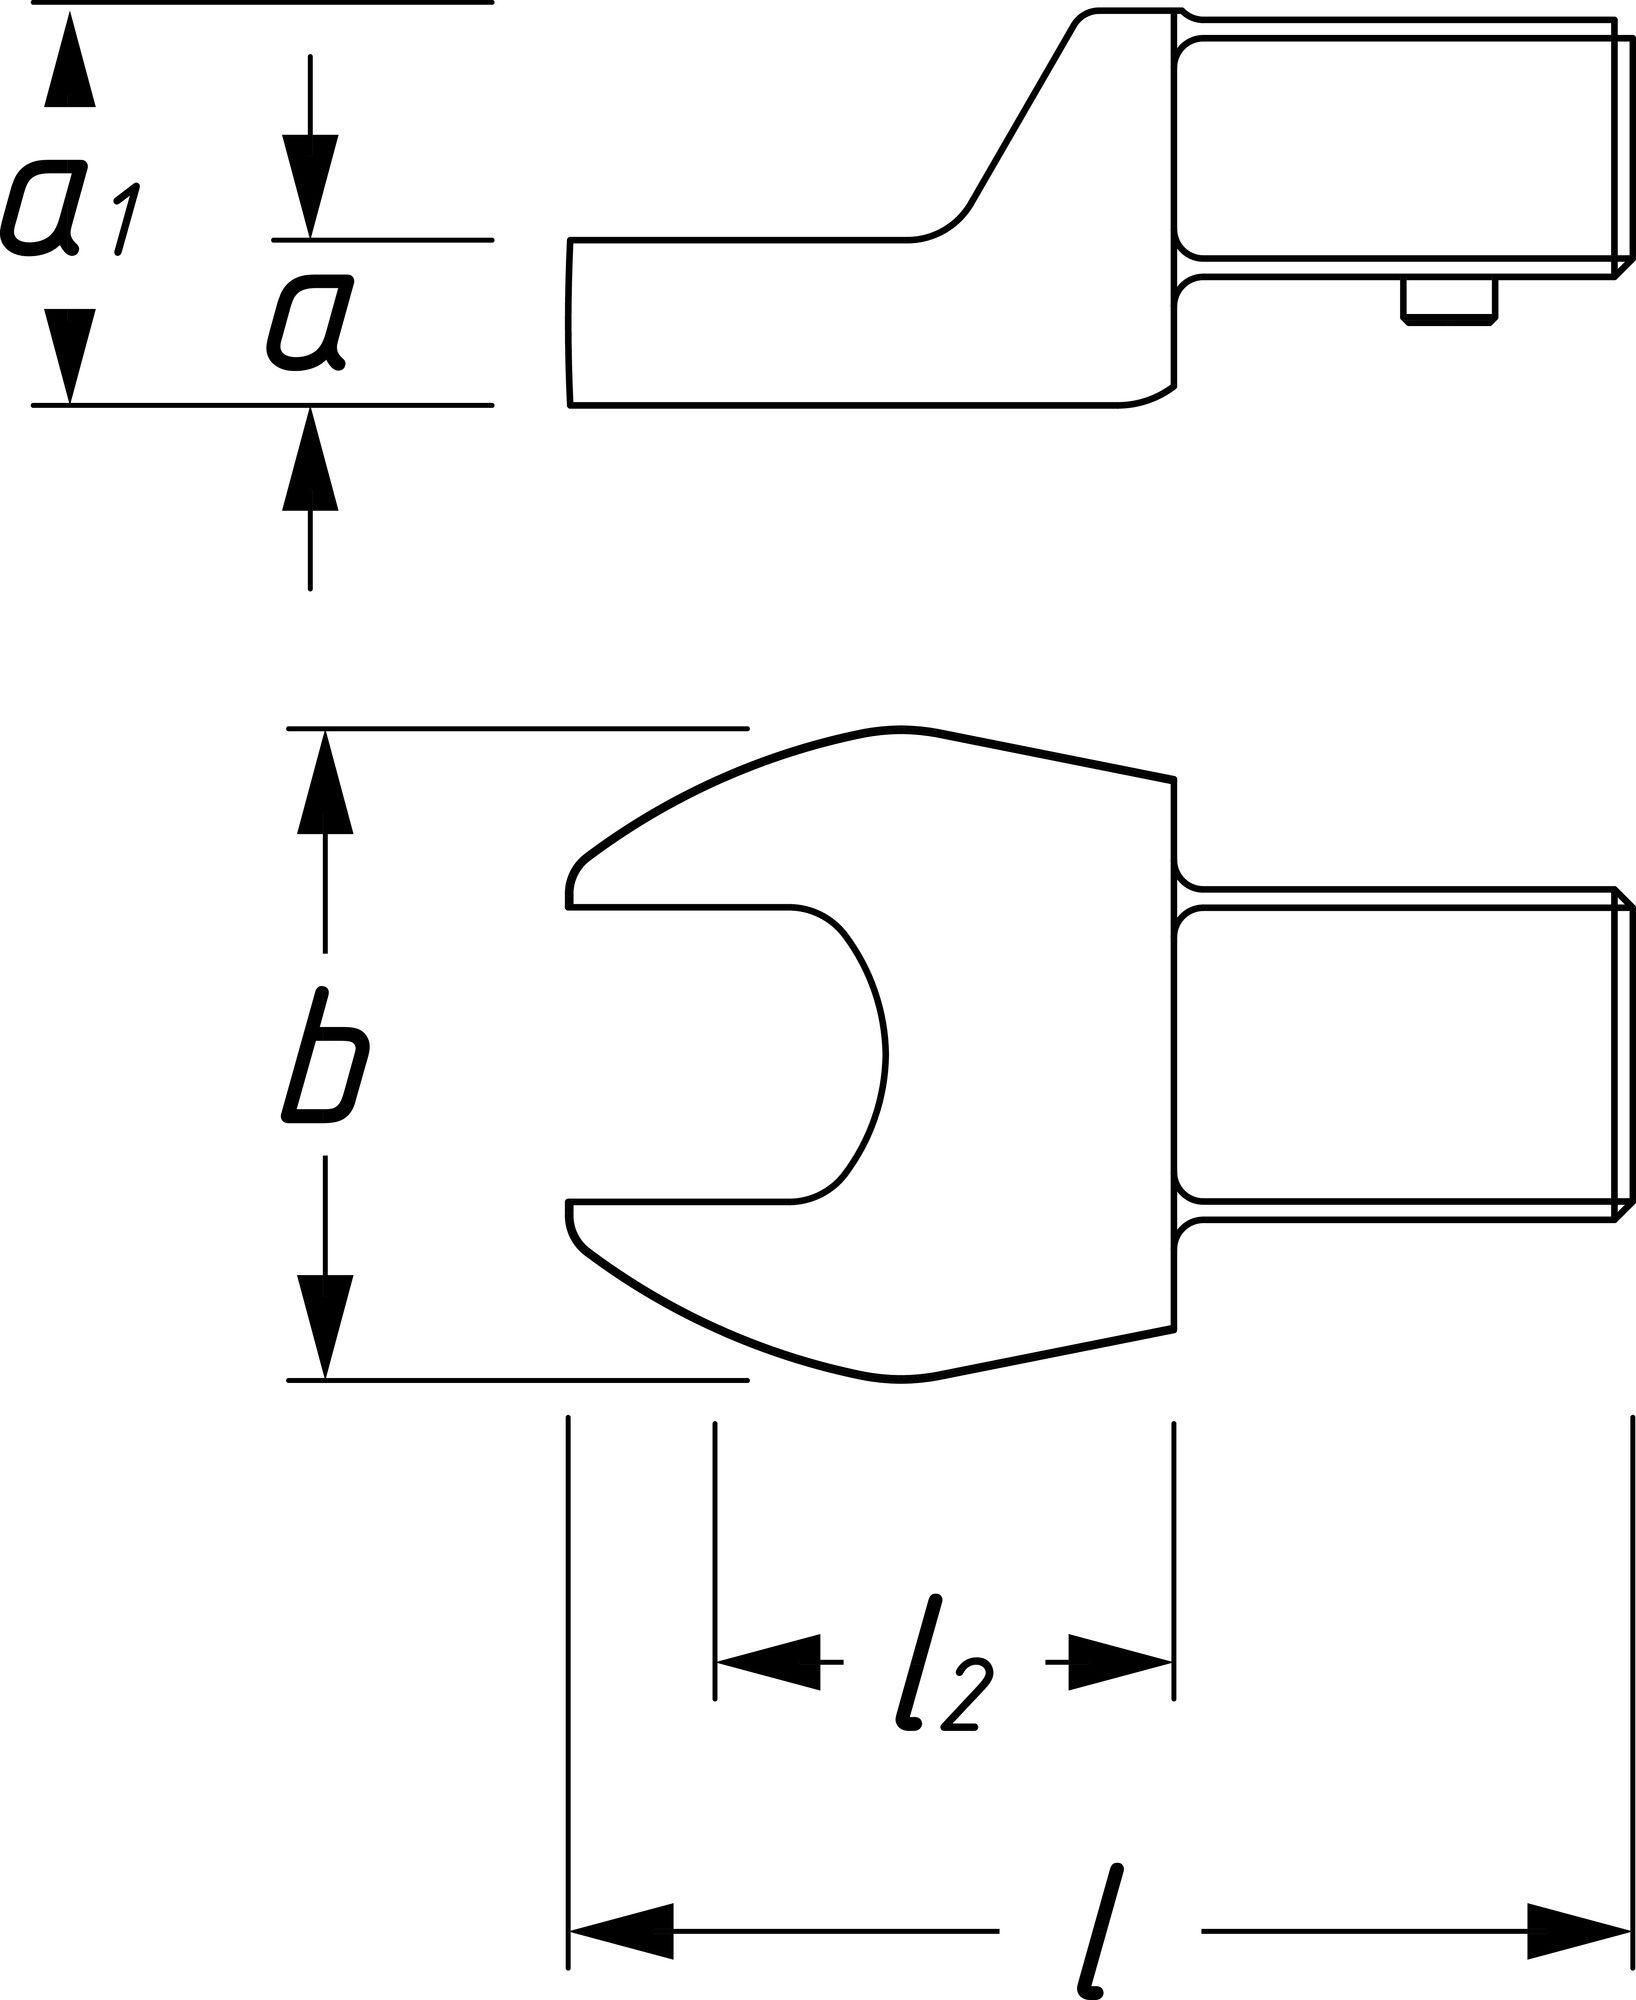 HAZET Einsteck-Maulschlüssel 6450D-22 ∙ Einsteck-Vierkant 14 x 18 mm ∙ Außen-Sechskant Profil ∙ 22 mm